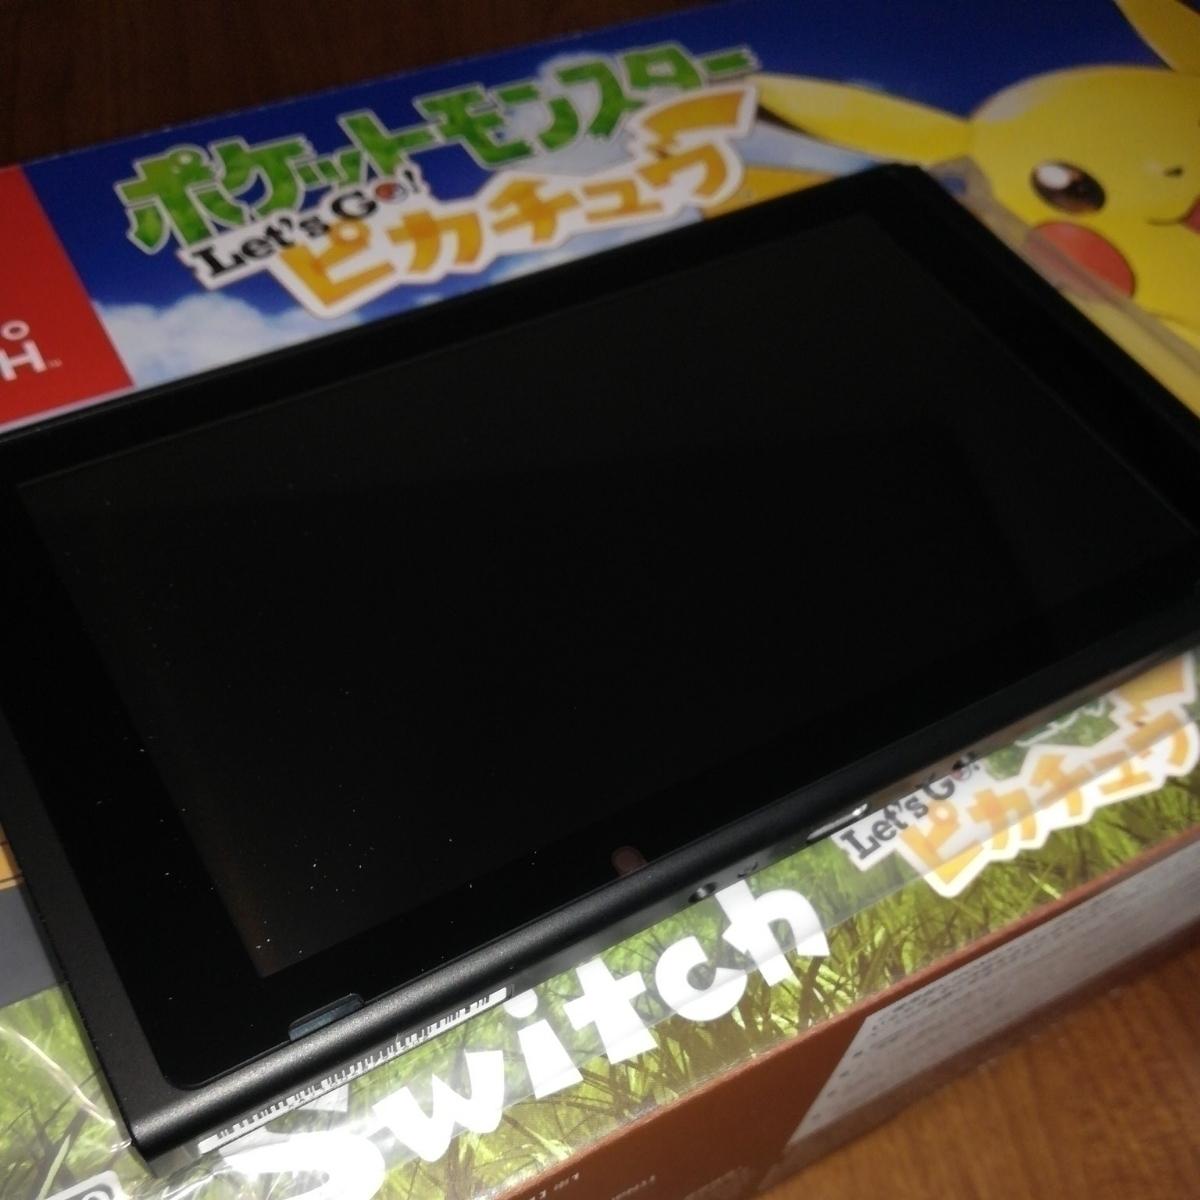 ★1円~ ニンテンドースイッチ Nintendo Switch ポケットモンスター Let's Go!ピカチュウ 本体のみ DL版ソフト付き 新品未使用★_画像4